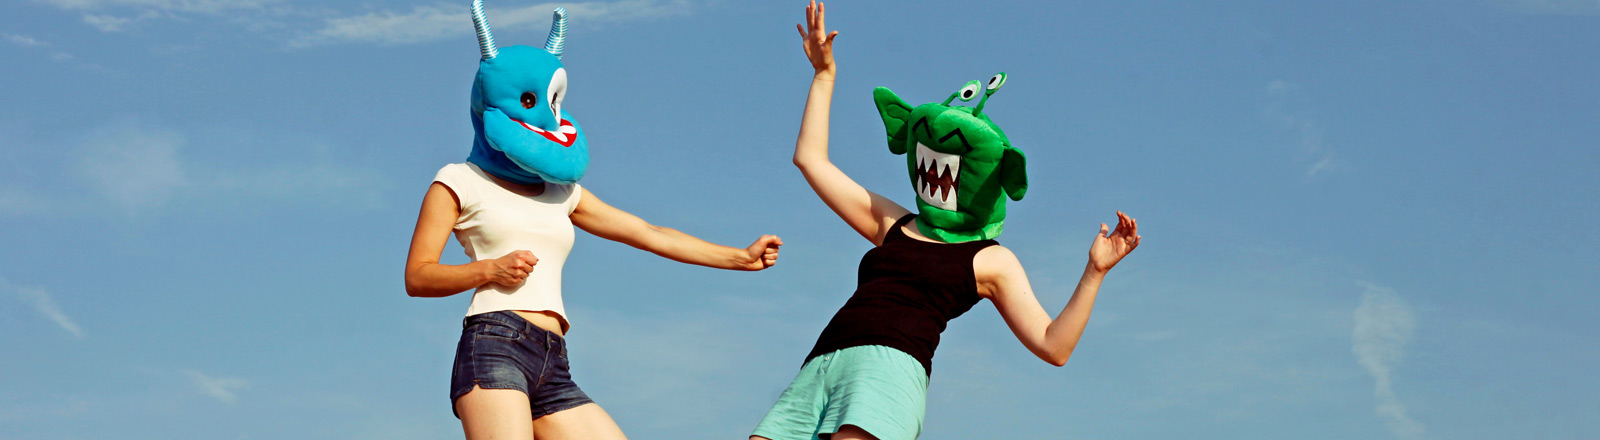 Zwei Menschen mit lustigen Monster-Masken kämpfen.